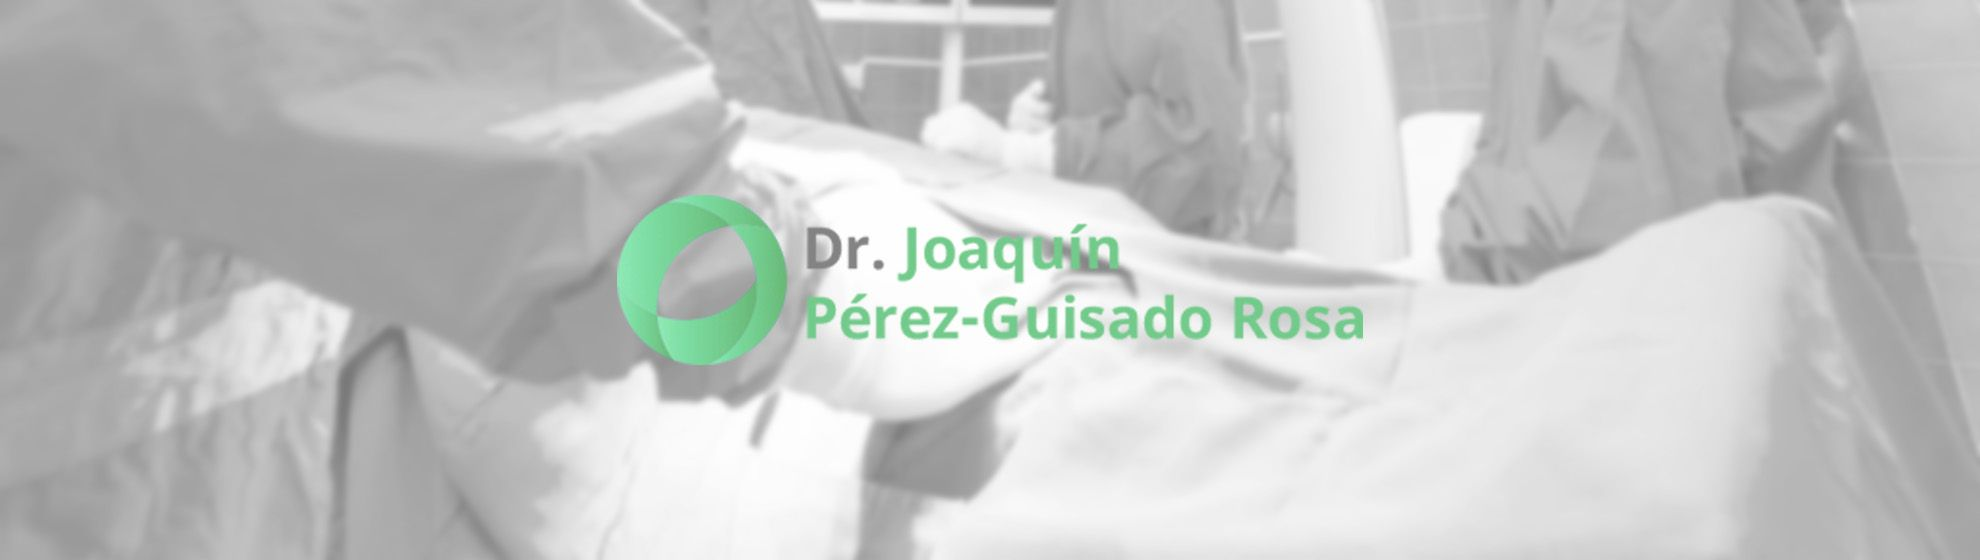 Dr. Joaquín Pérez Guisado Rosa